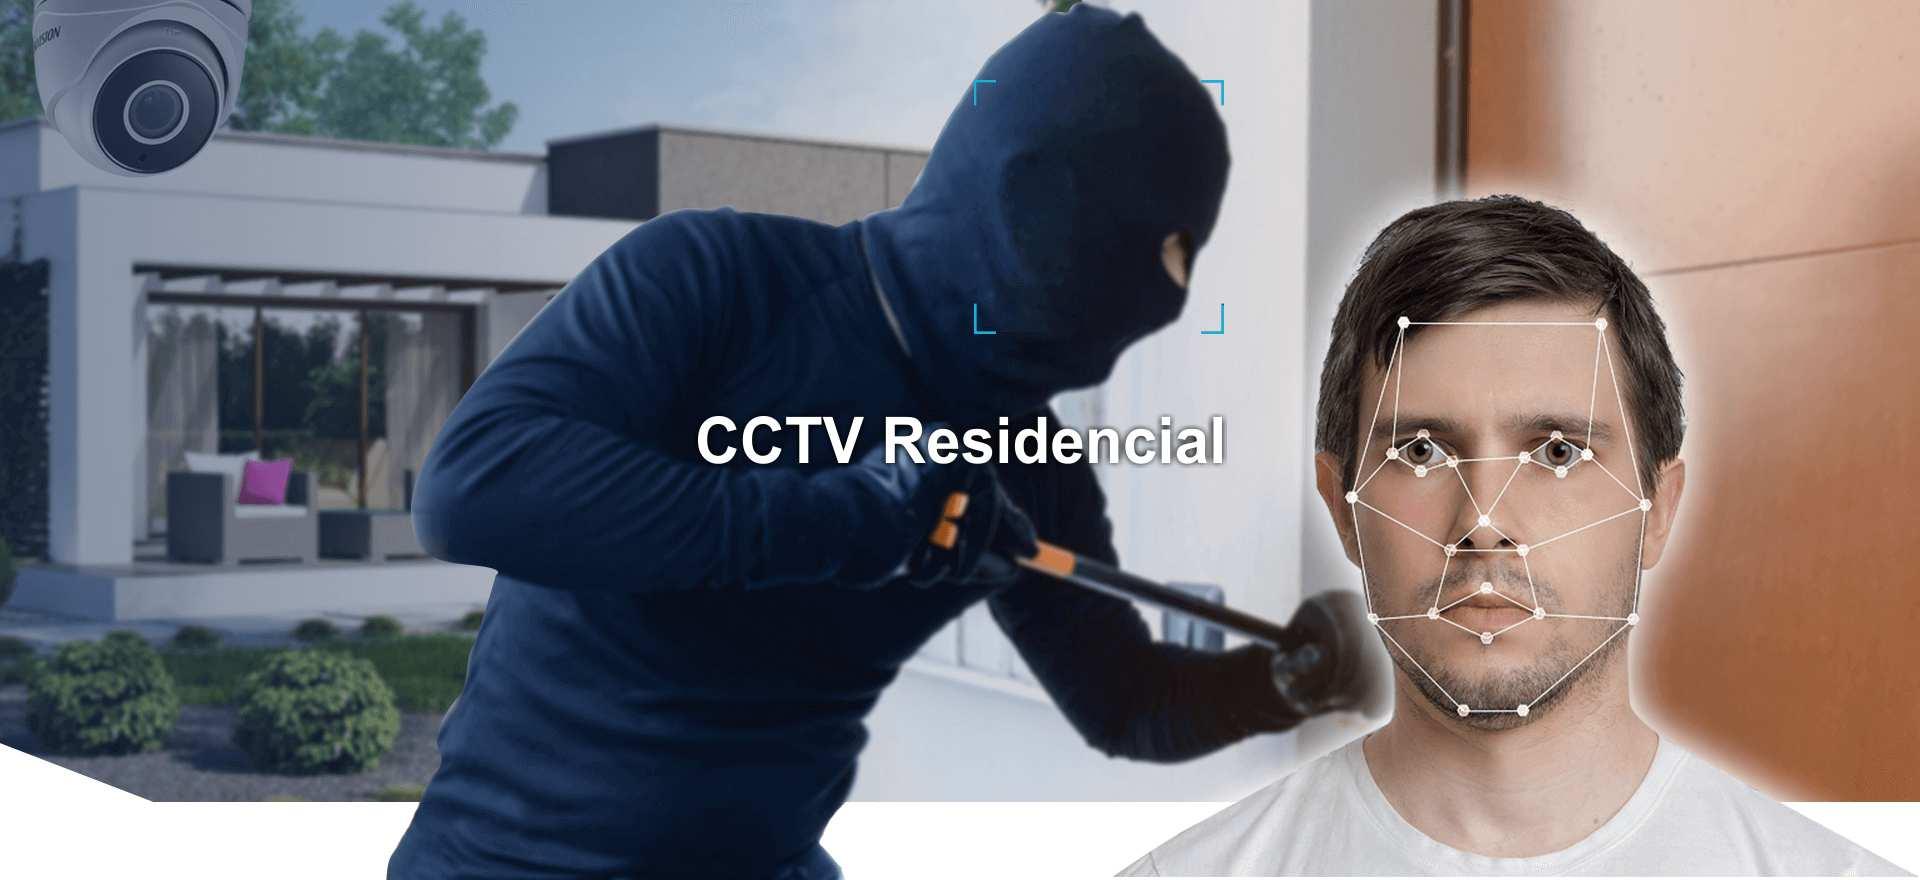 CCTV Residencial en Lázaro Cárdenas, Michoacán e Ixtapa Zihuatanejo, Guerrero